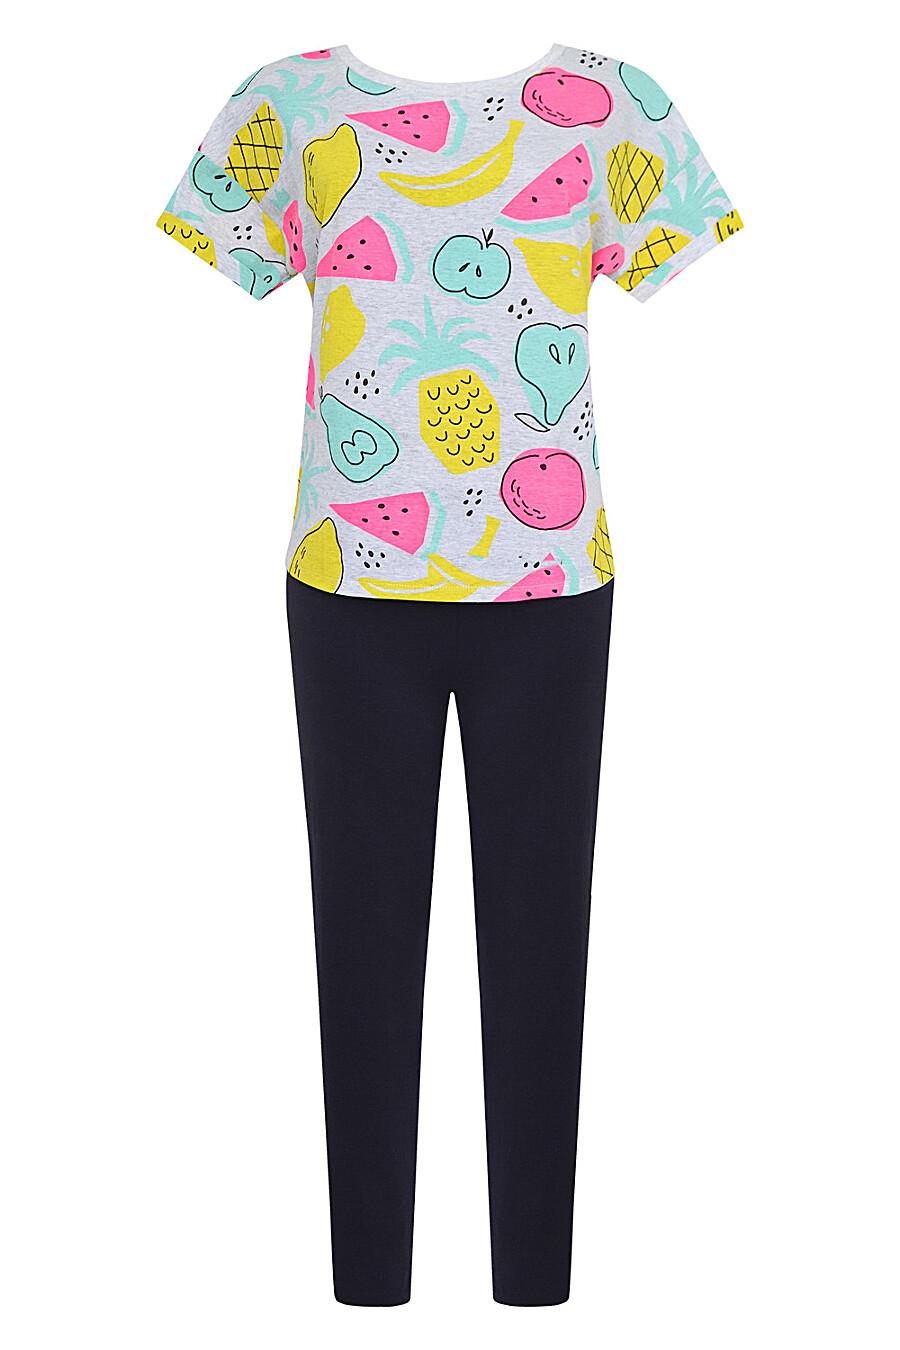 Комплект (Легинсы+Футболка) для женщин TRIKOZZA 121702 купить оптом от производителя. Совместная покупка женской одежды в OptMoyo